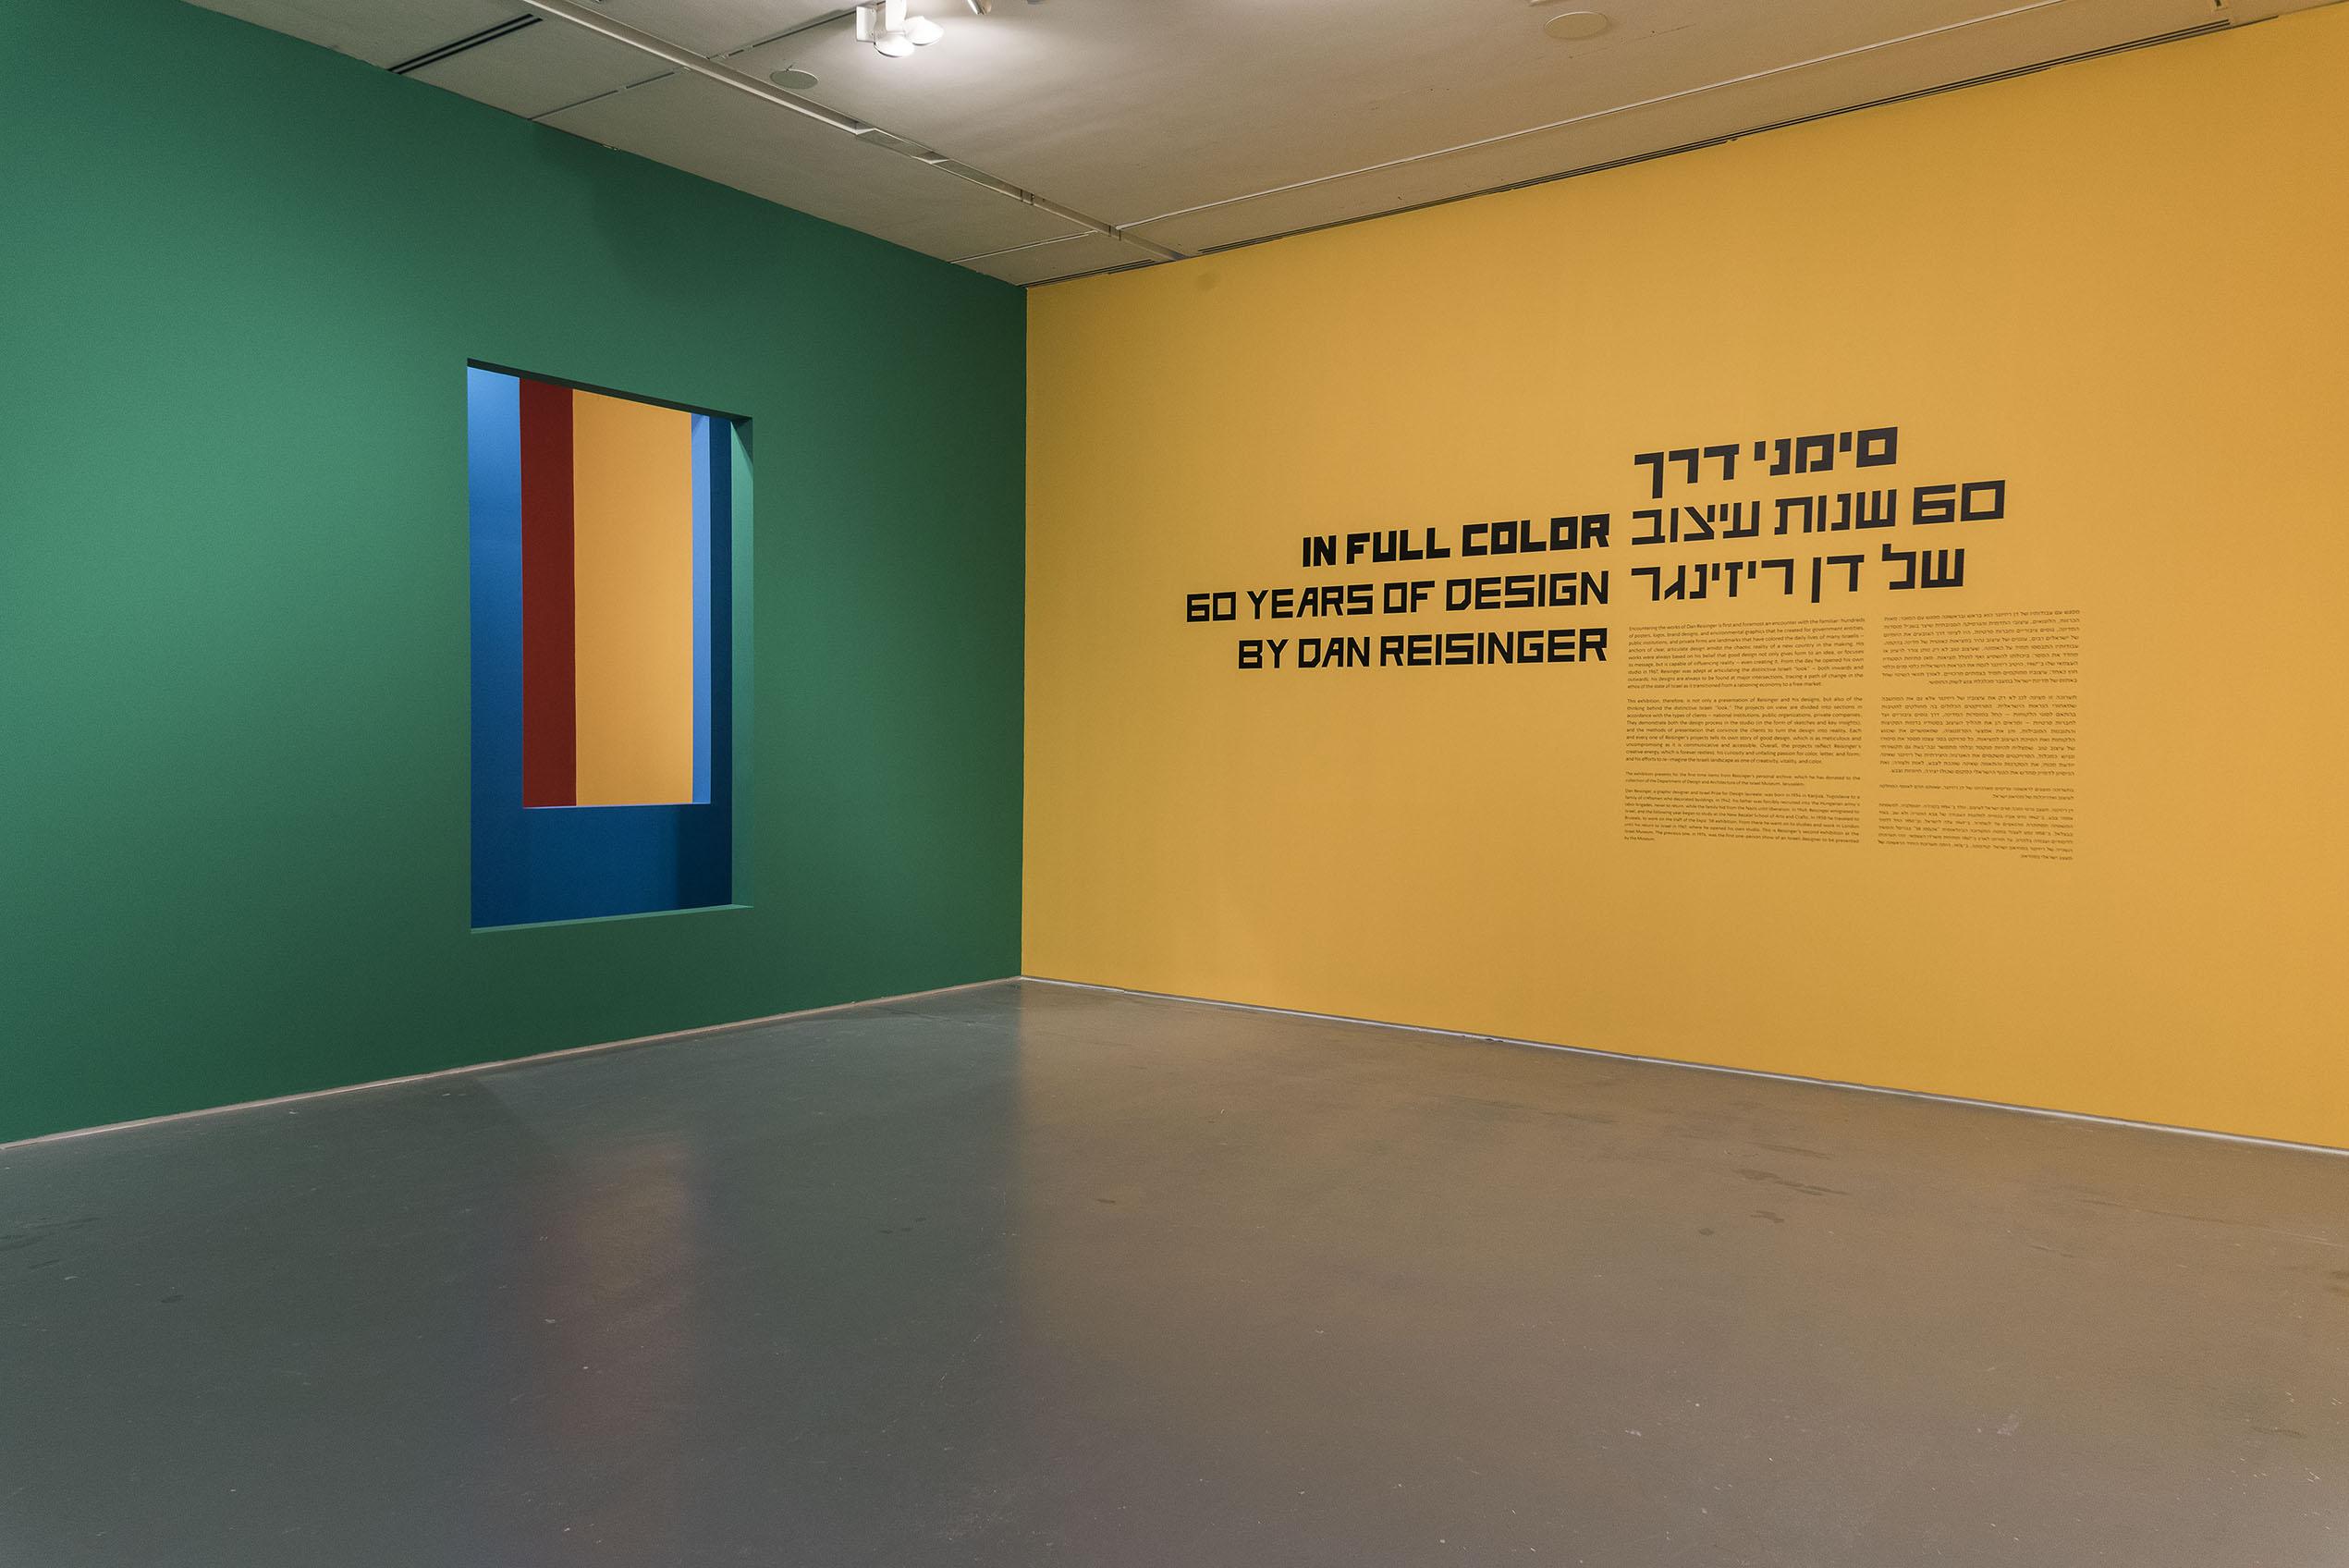 חלל התערוכה, צלם: אלי פוזנר